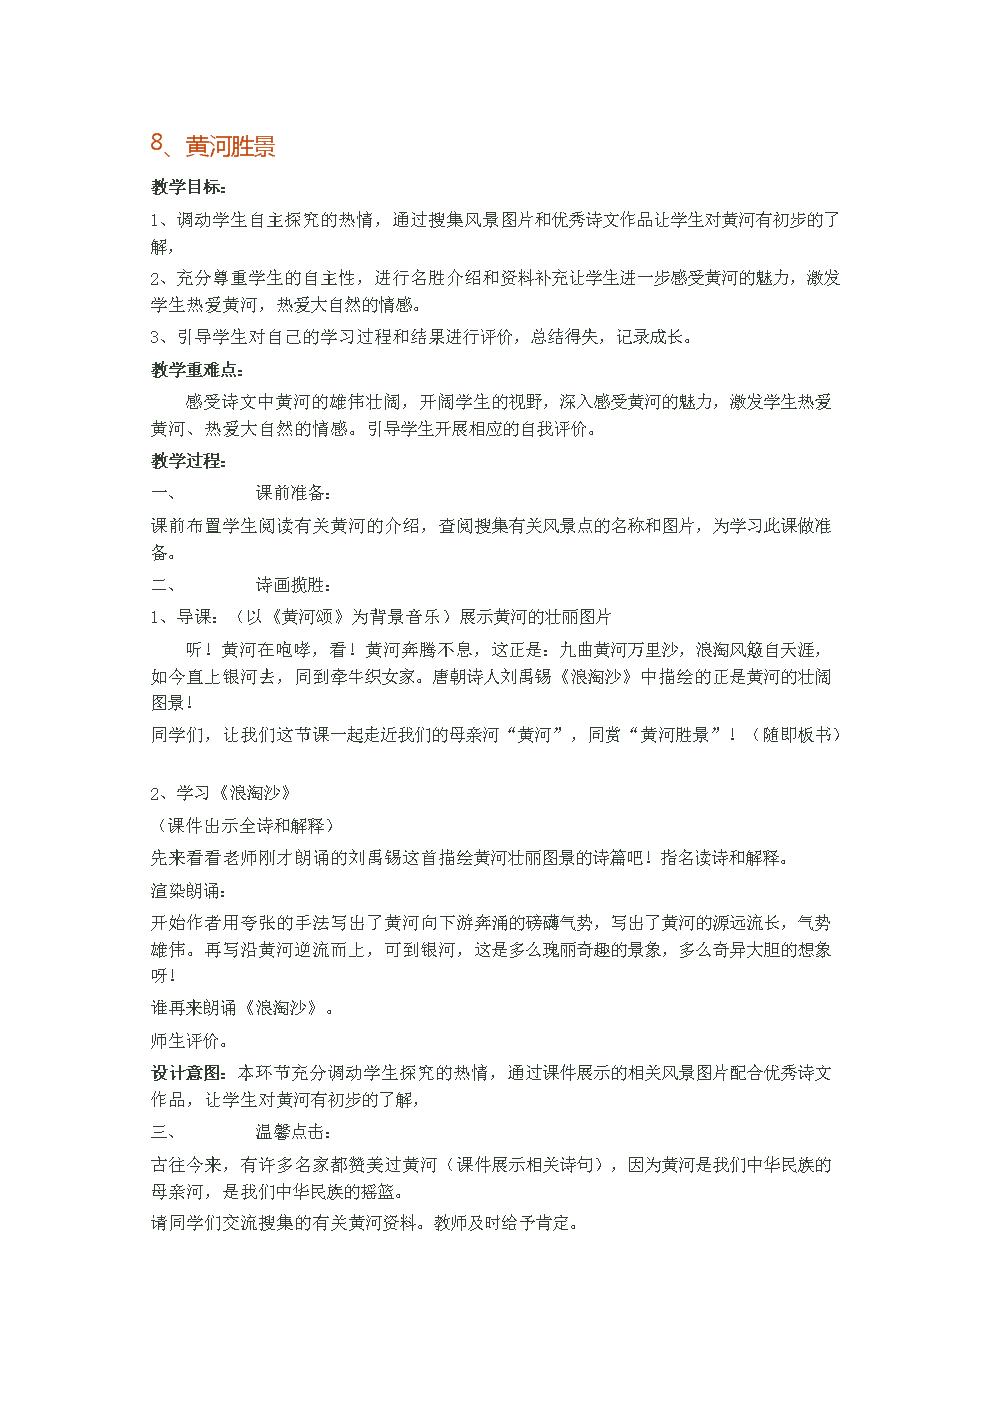 黃河勝景教案.doc